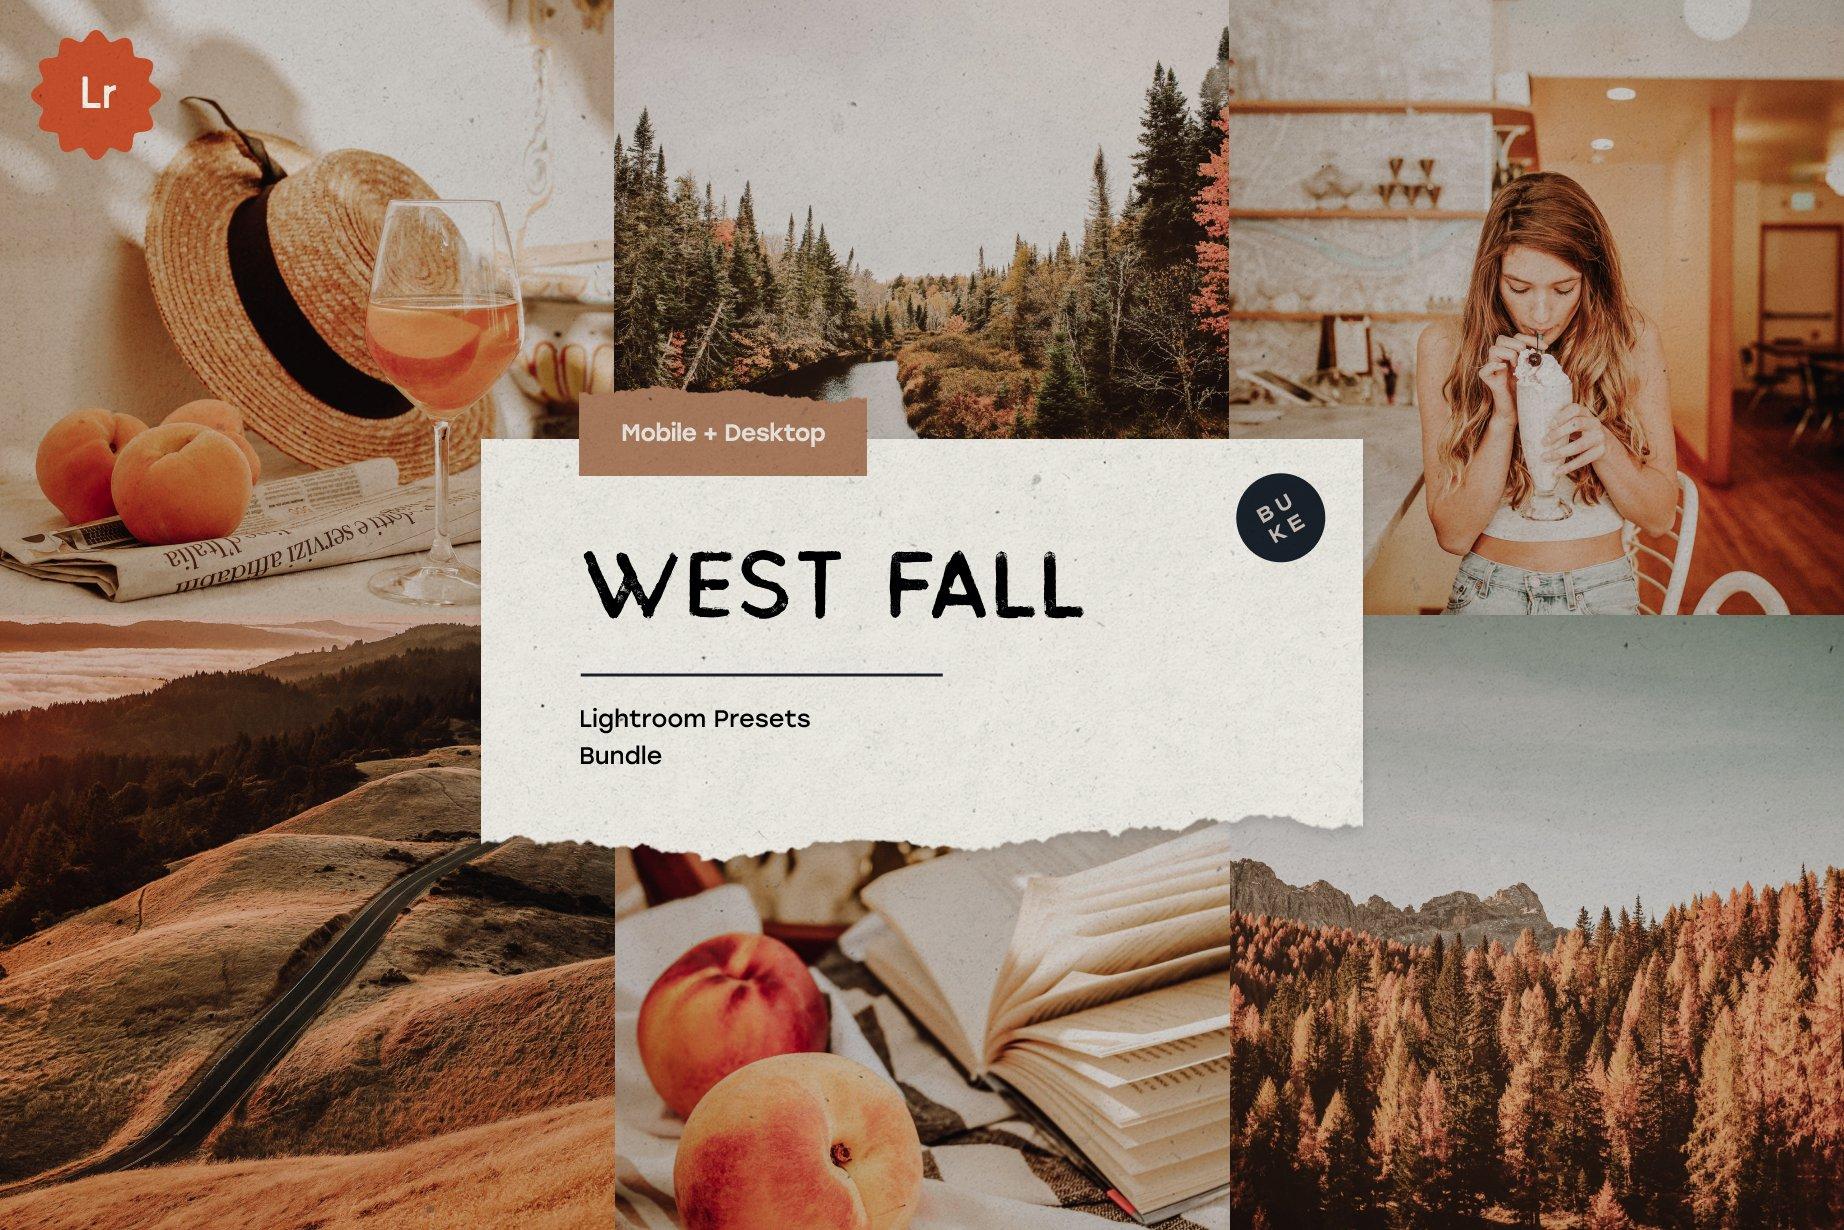 West Fall 5 Lightroom Presets Pack